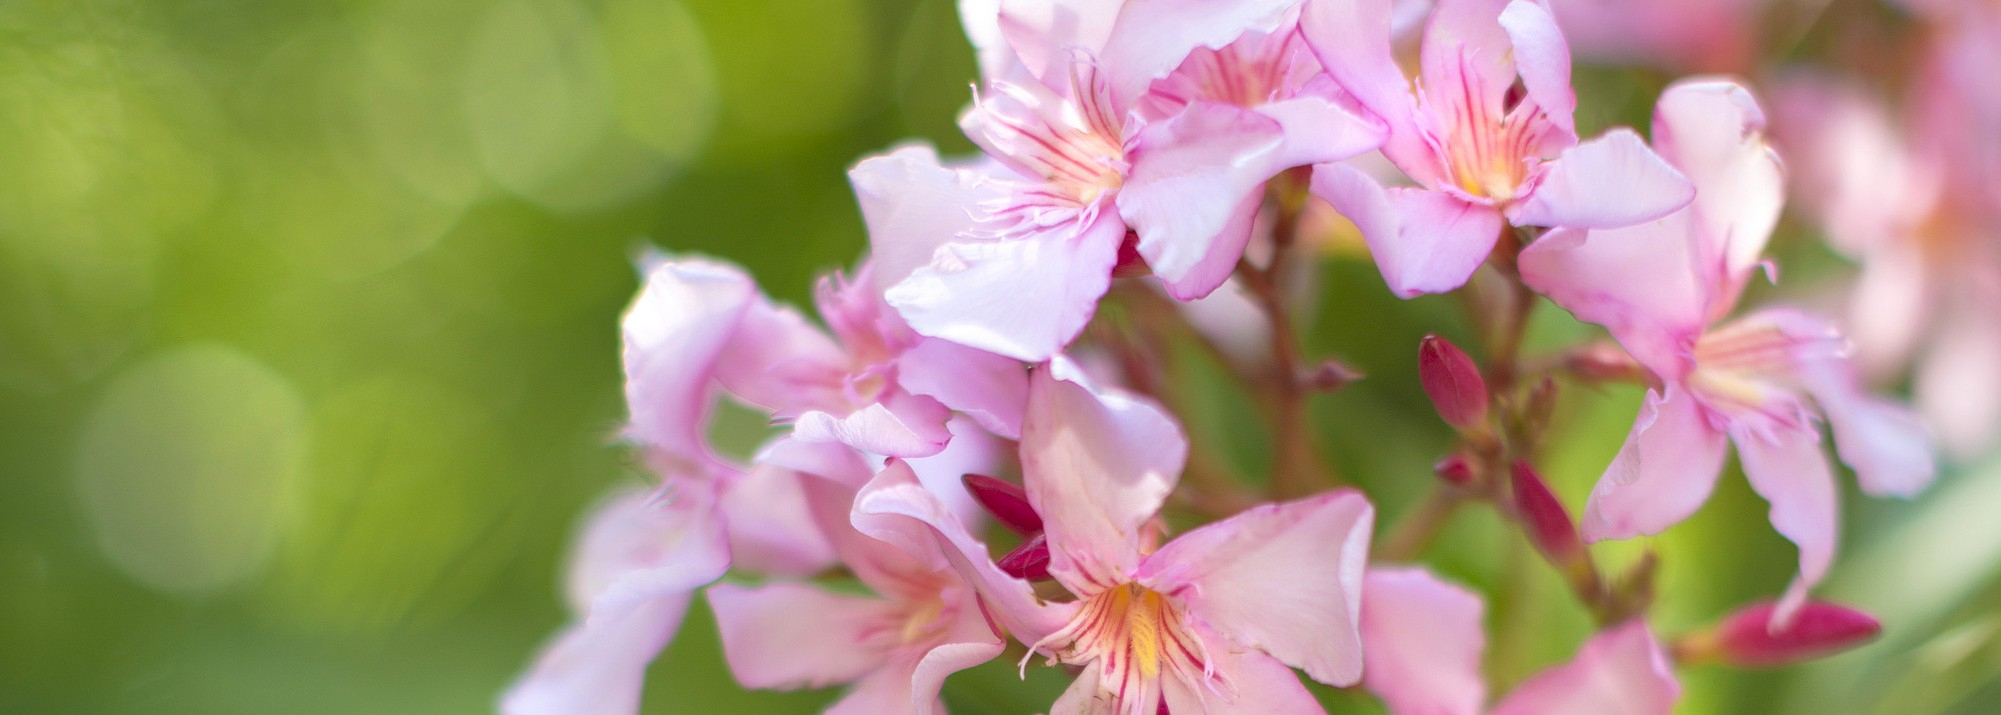 Jardin D'ornement : Botanic®, Arbustes Pour Haie Et Arbres D ... avec Arbustes Decoration Jardin